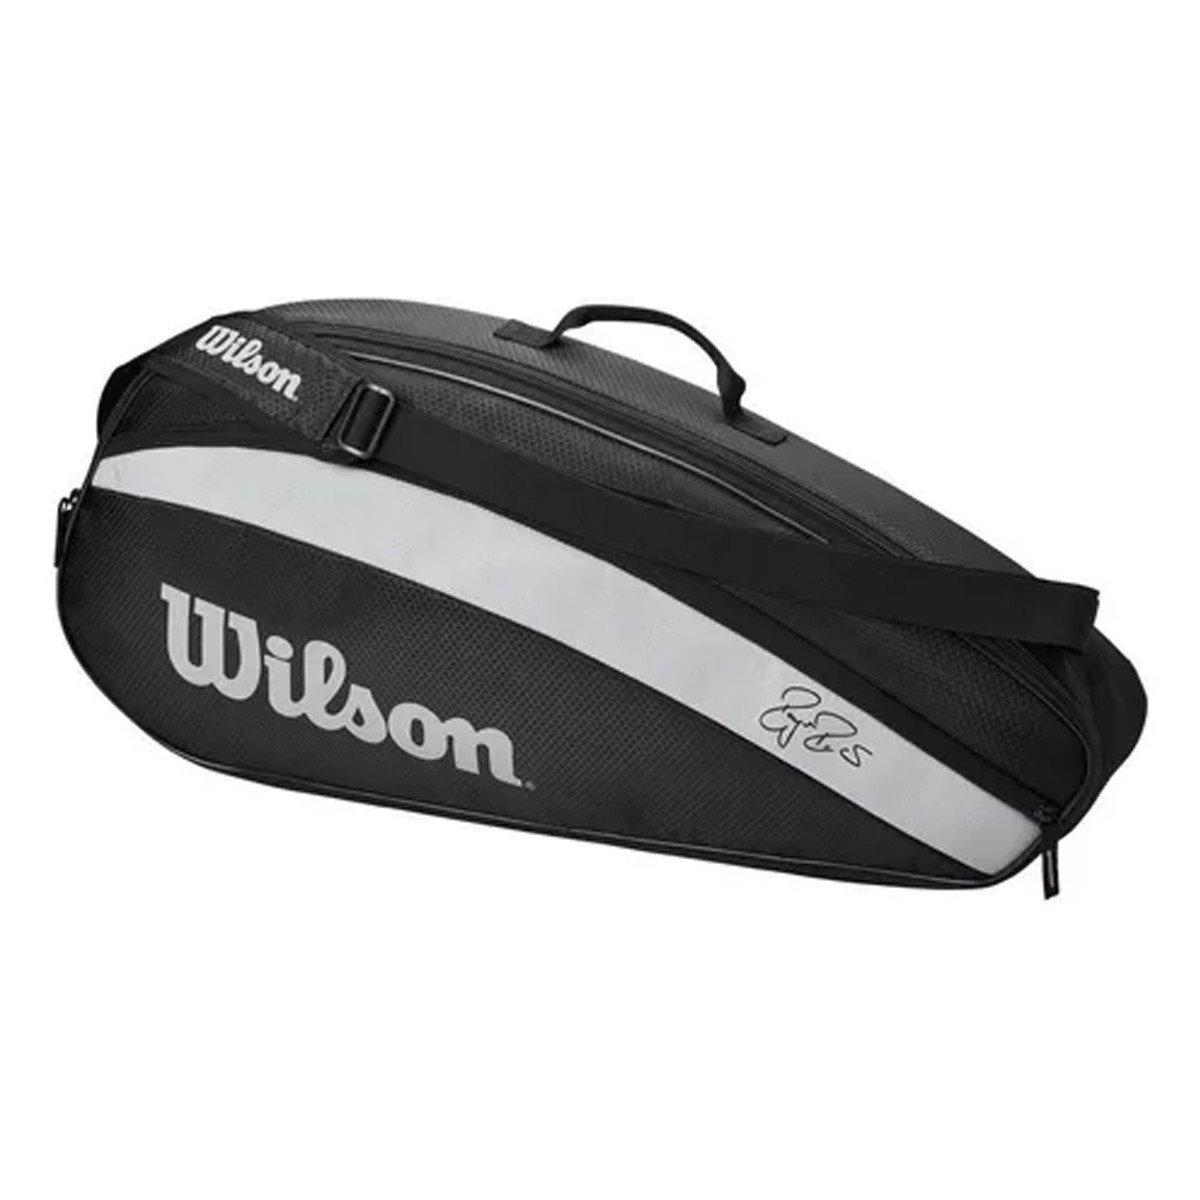 Raqueteira Wilson ESP Federer Team X3 Preta e Cinza - 2021